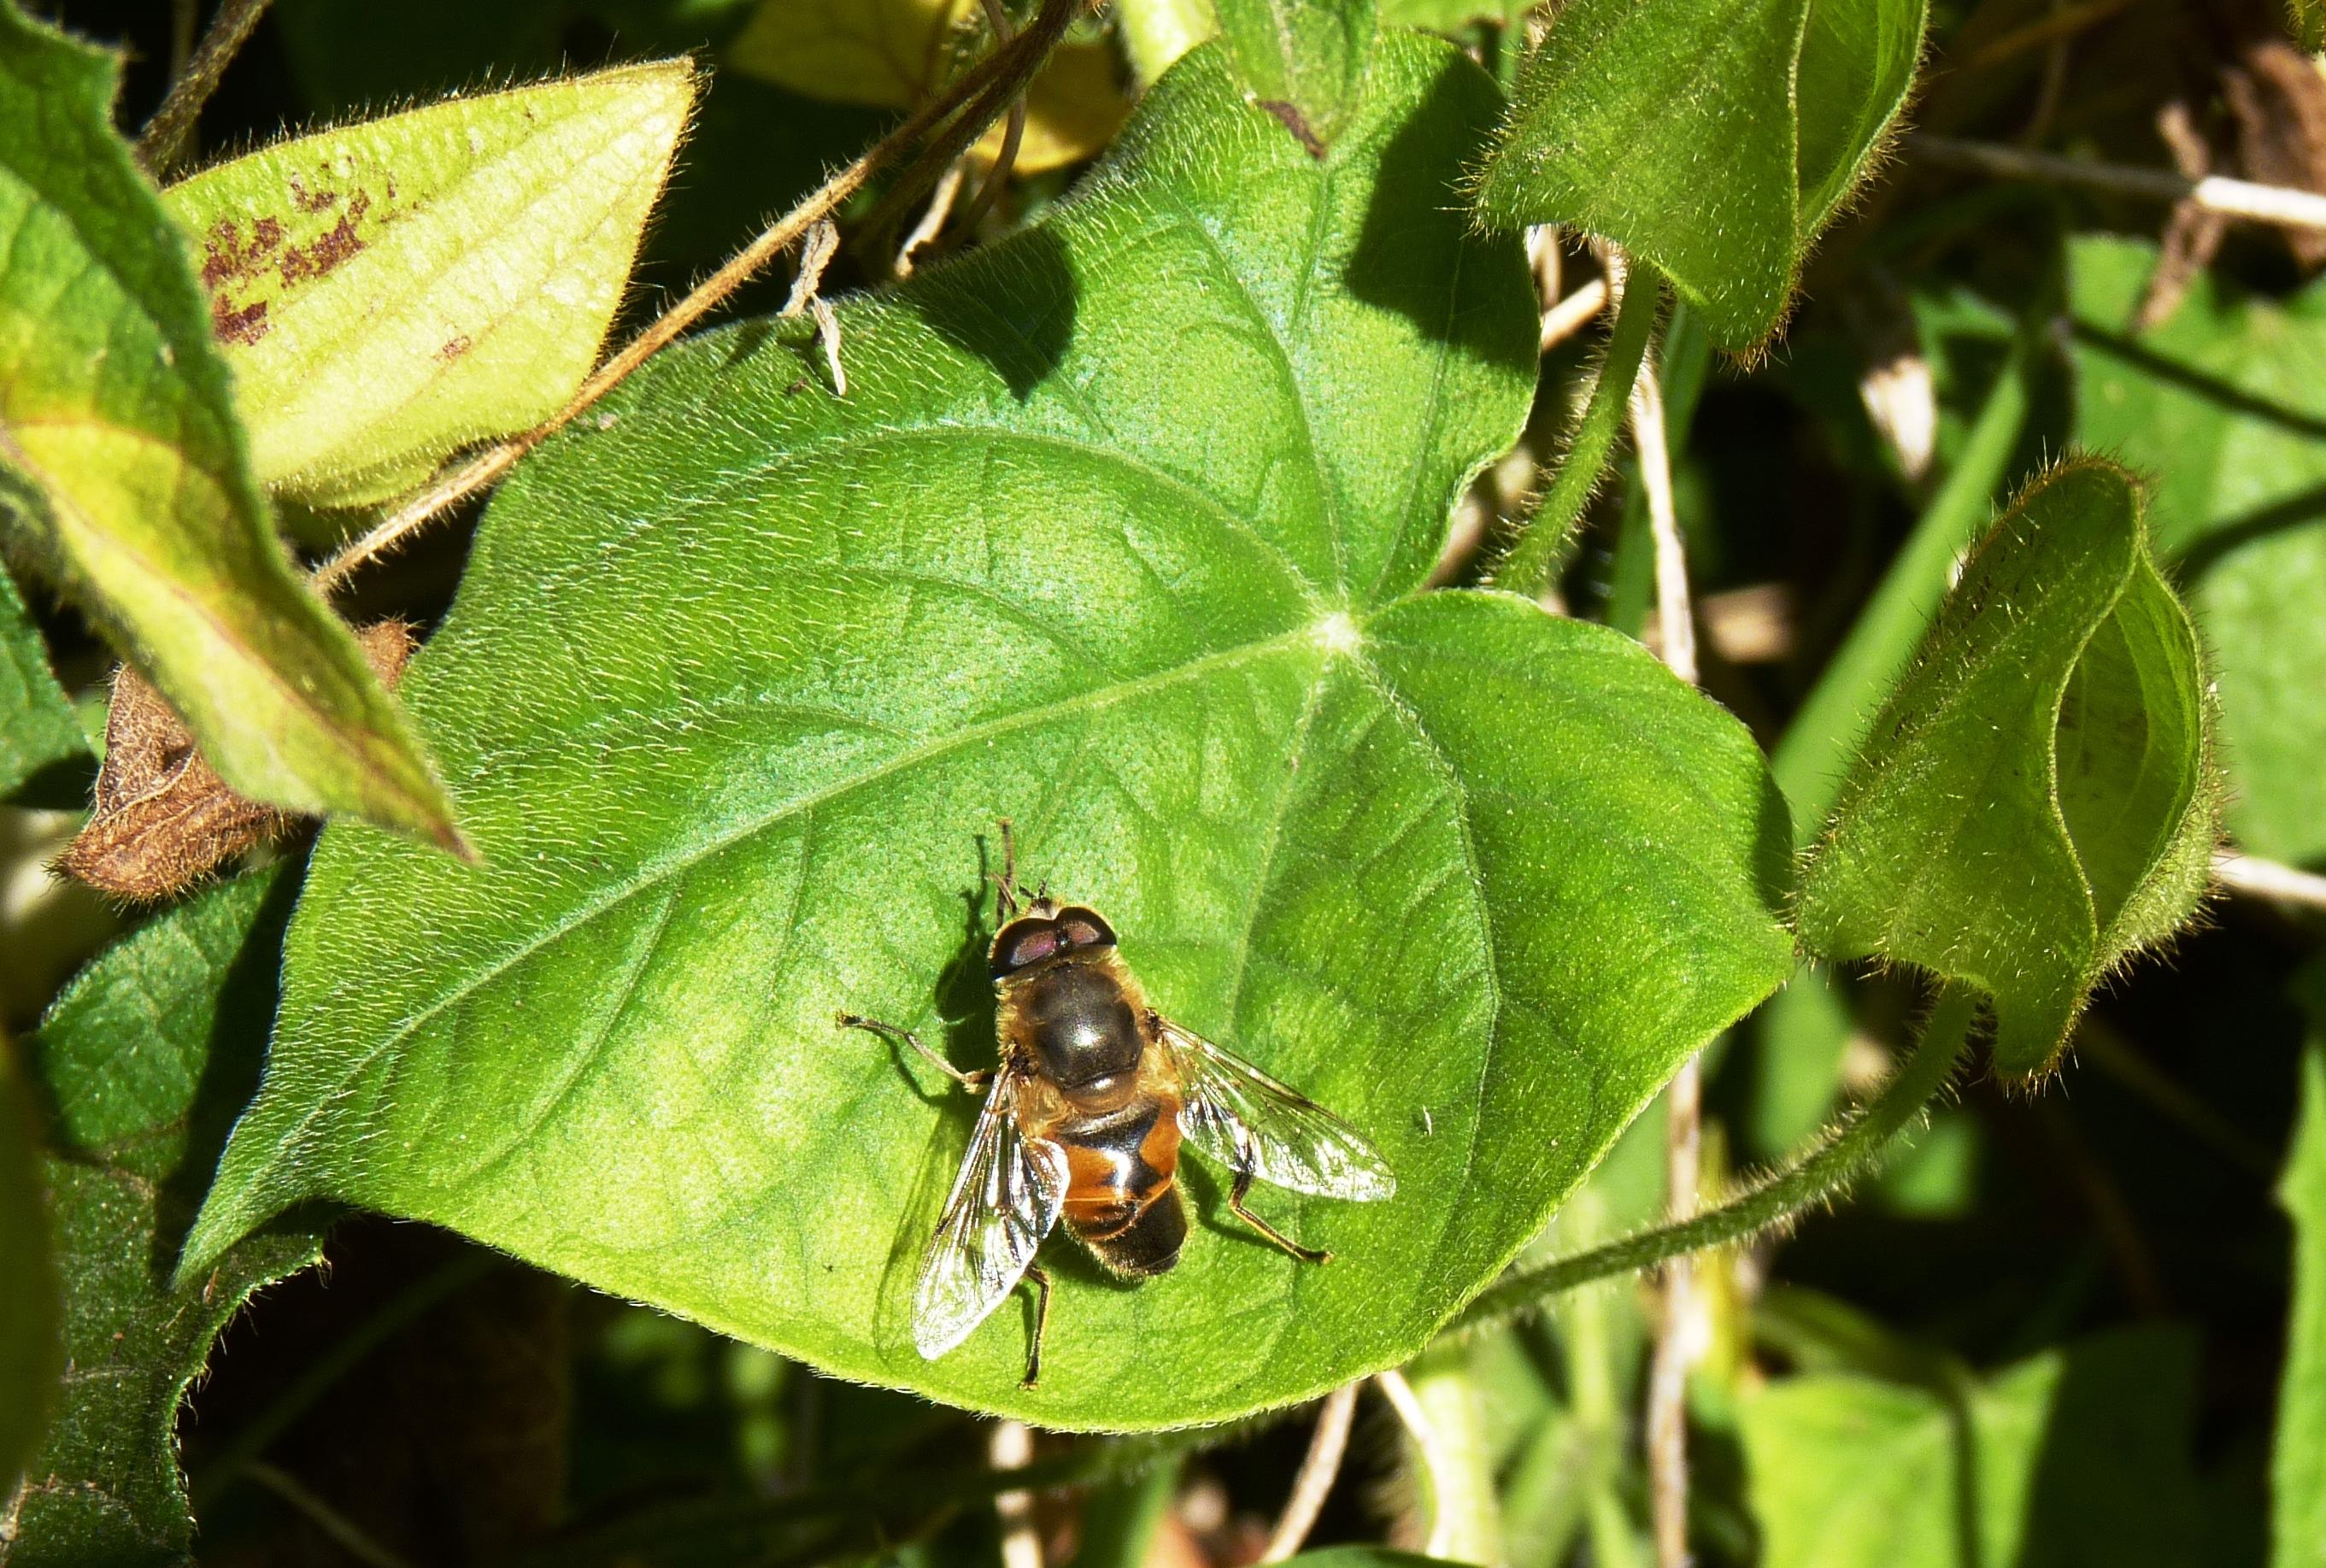 Mosca-abeja2